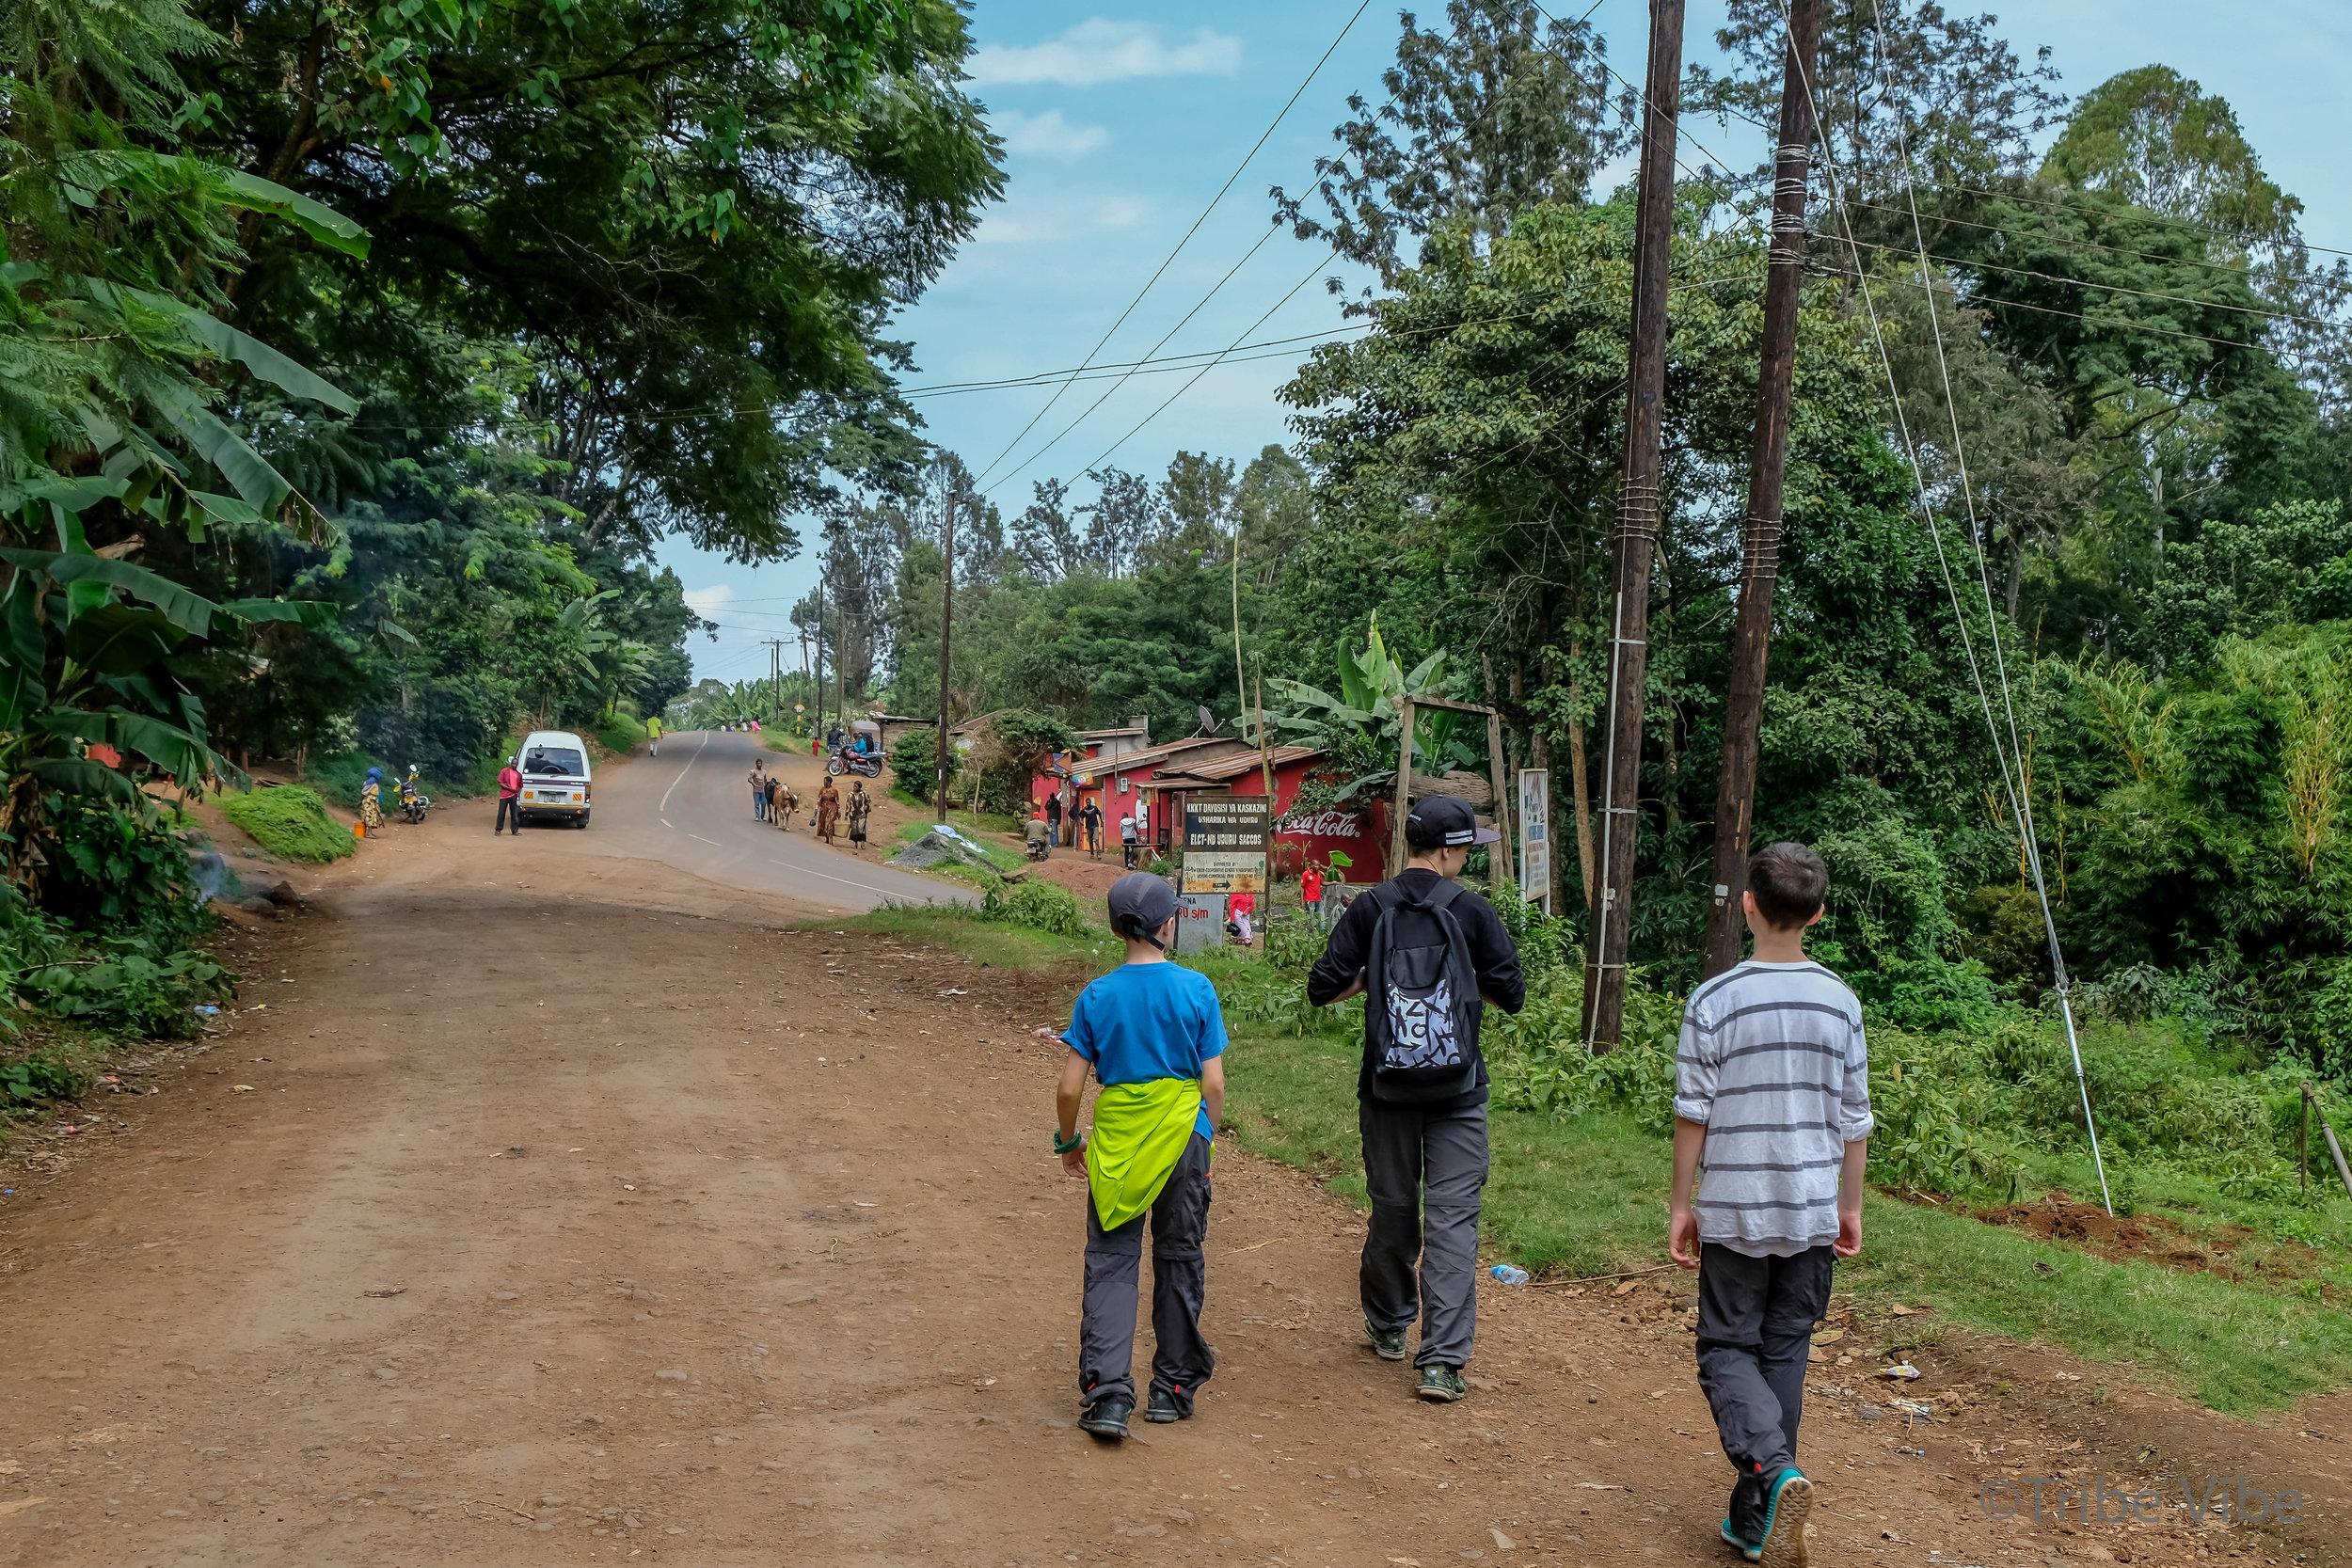 walk through town, Kilimanjaro 4.jpg